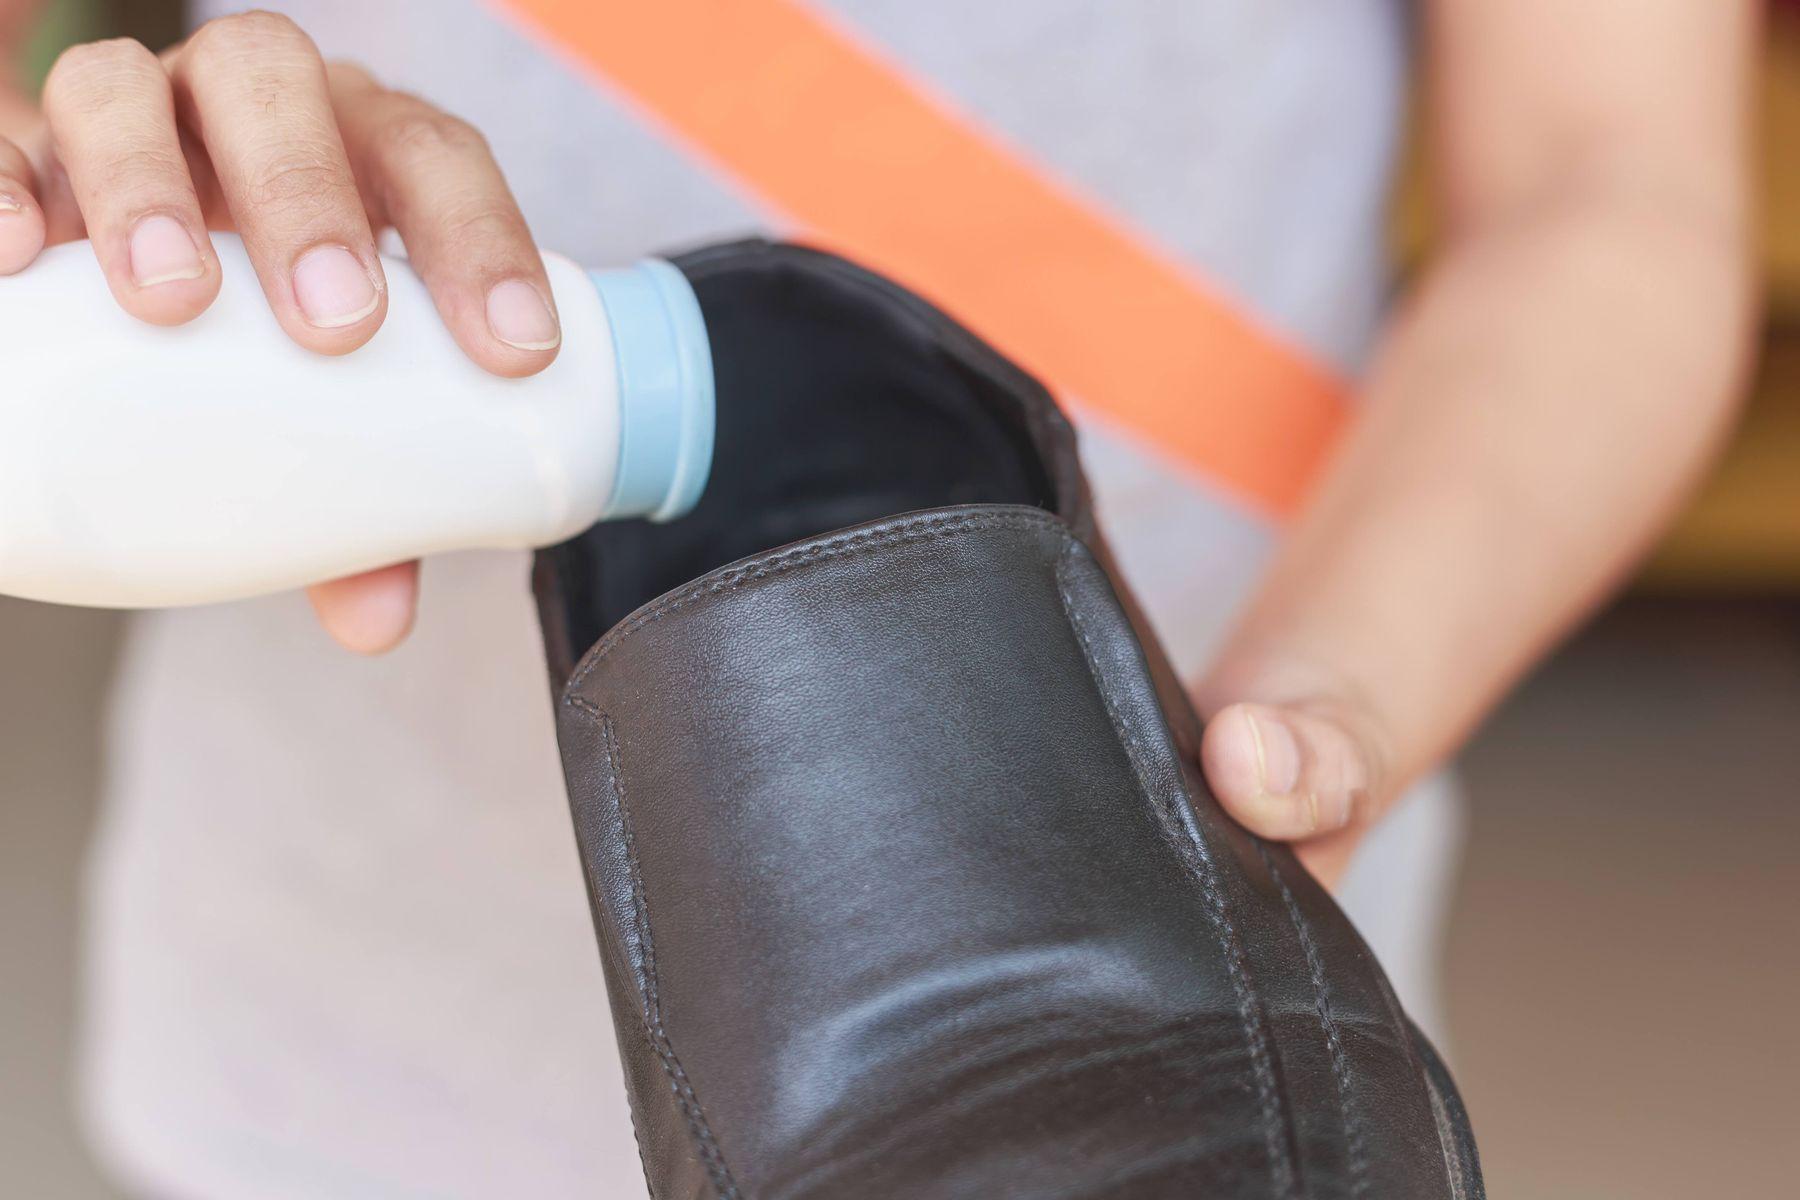 khử mùi hôi giày bằng phấn rôm em bé